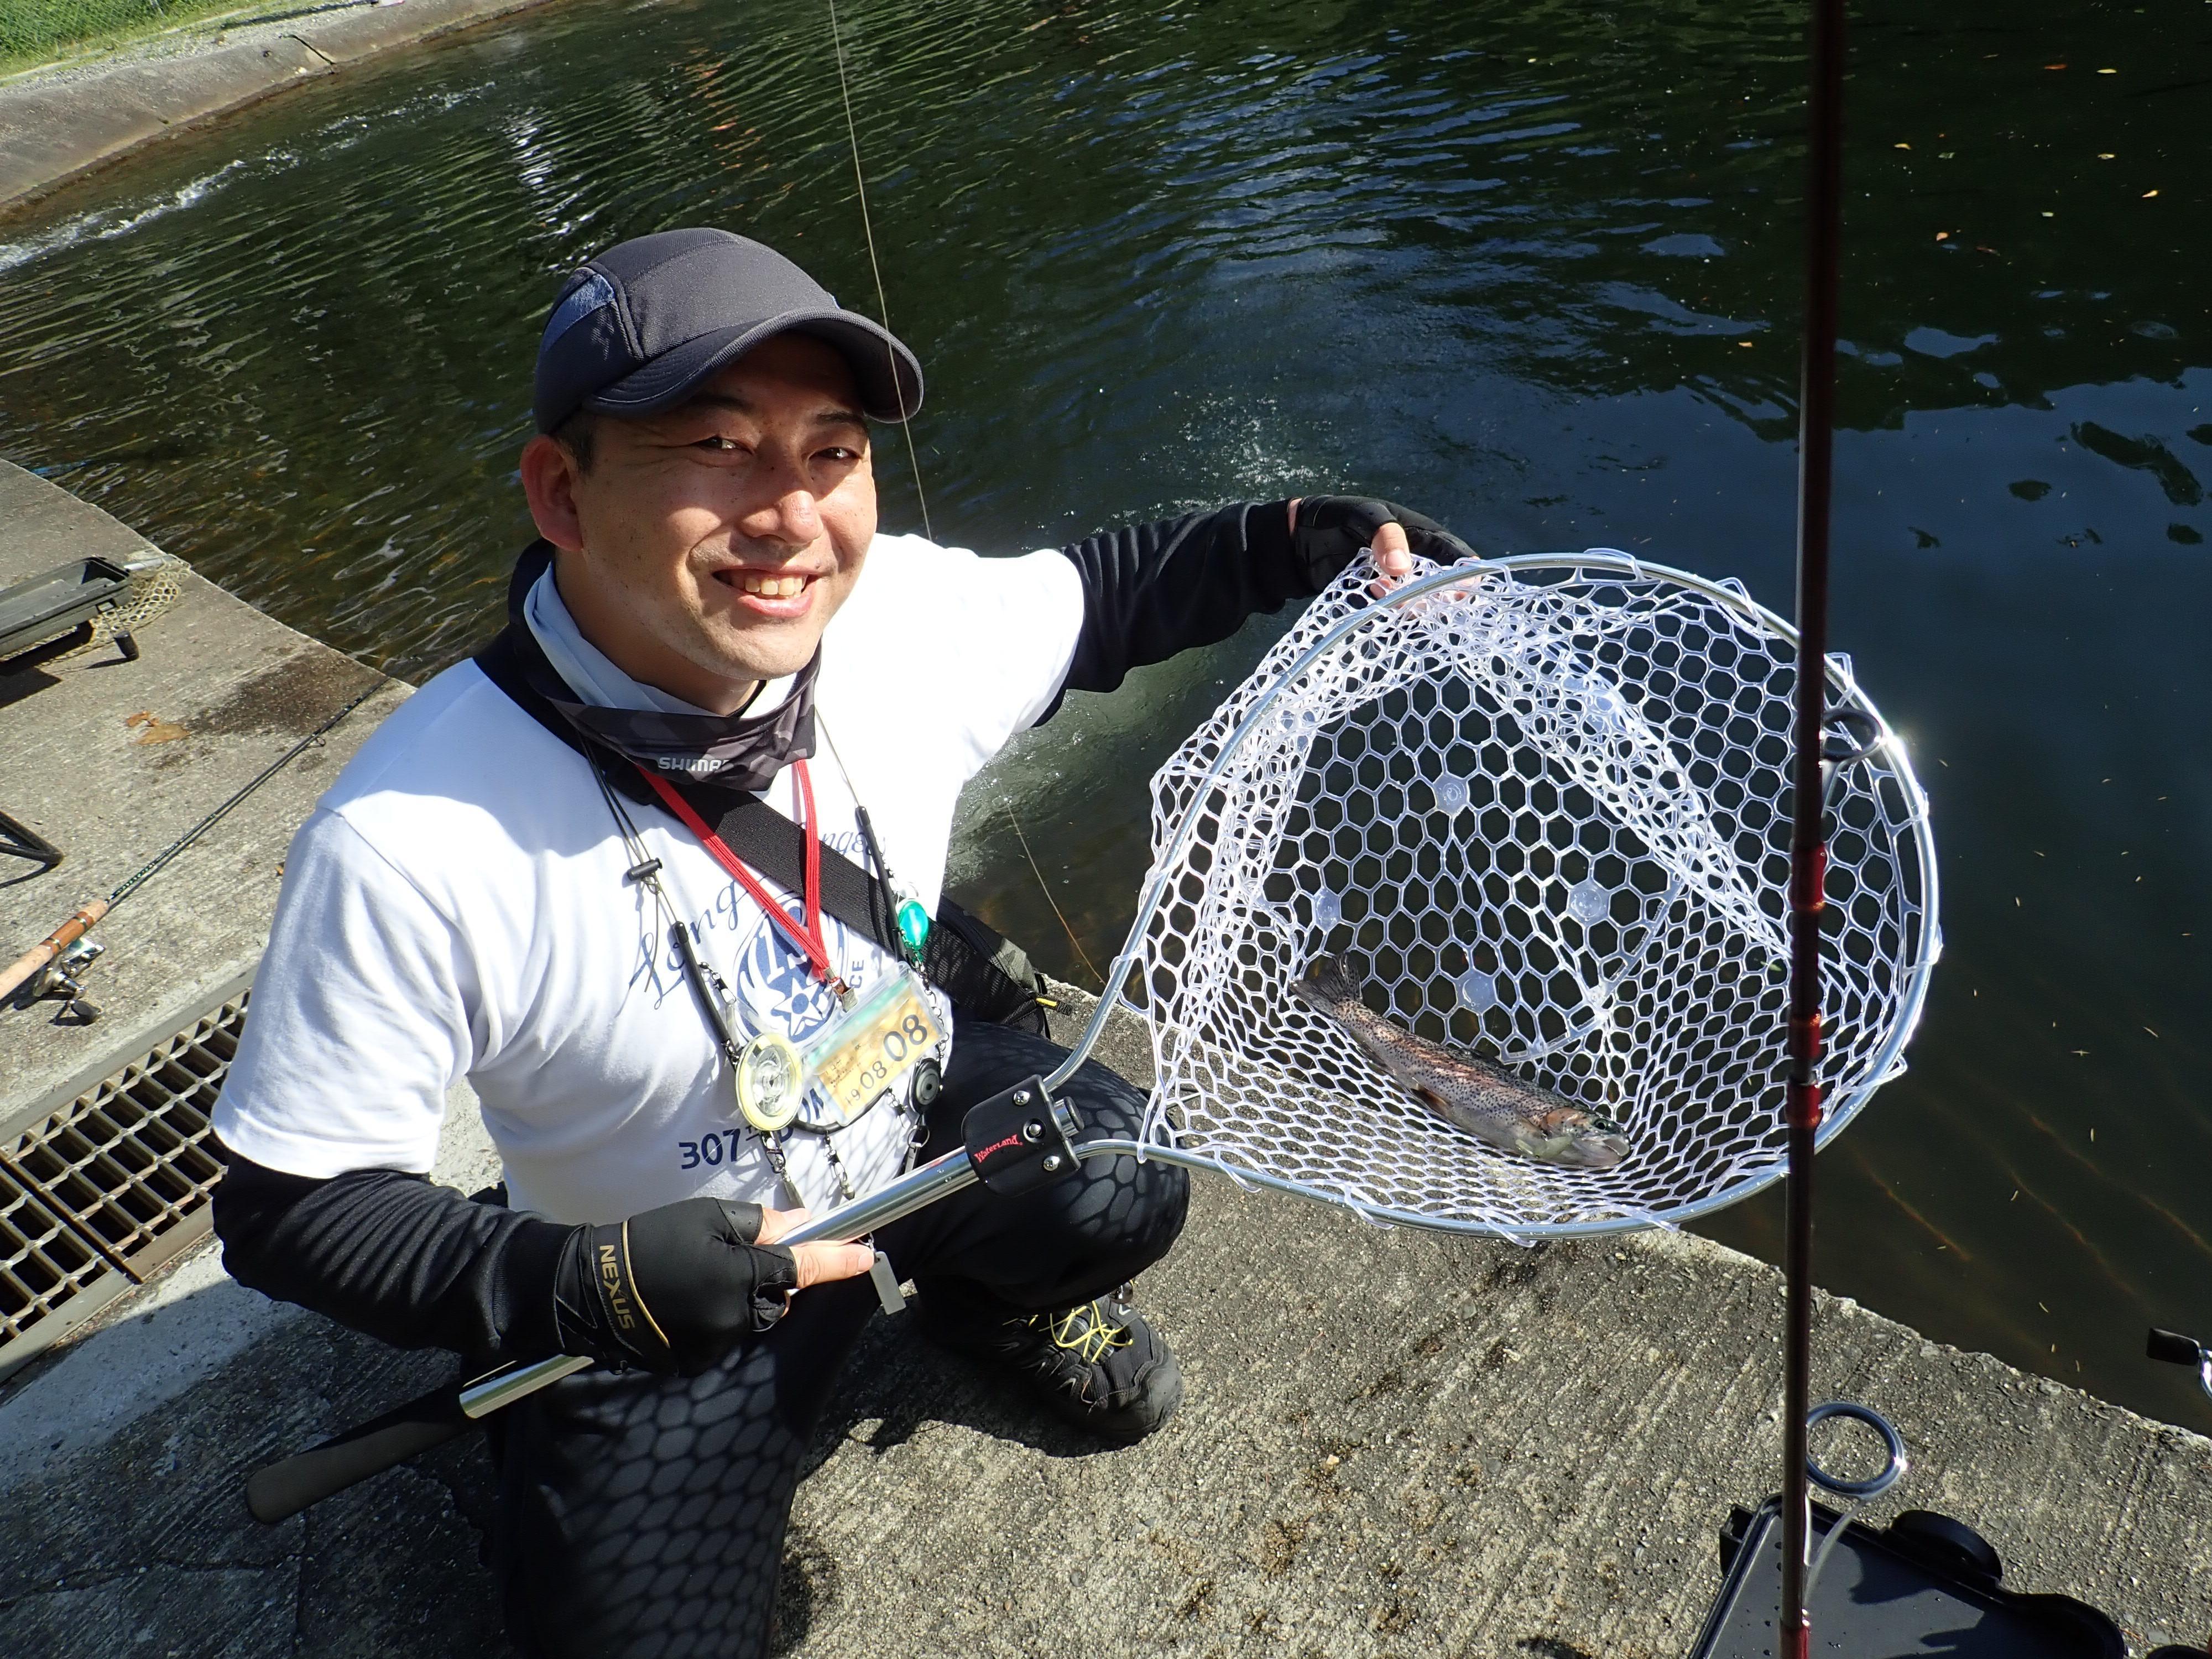 高原の管理釣り場だから、夏でもニジマス釣りが楽しめます。